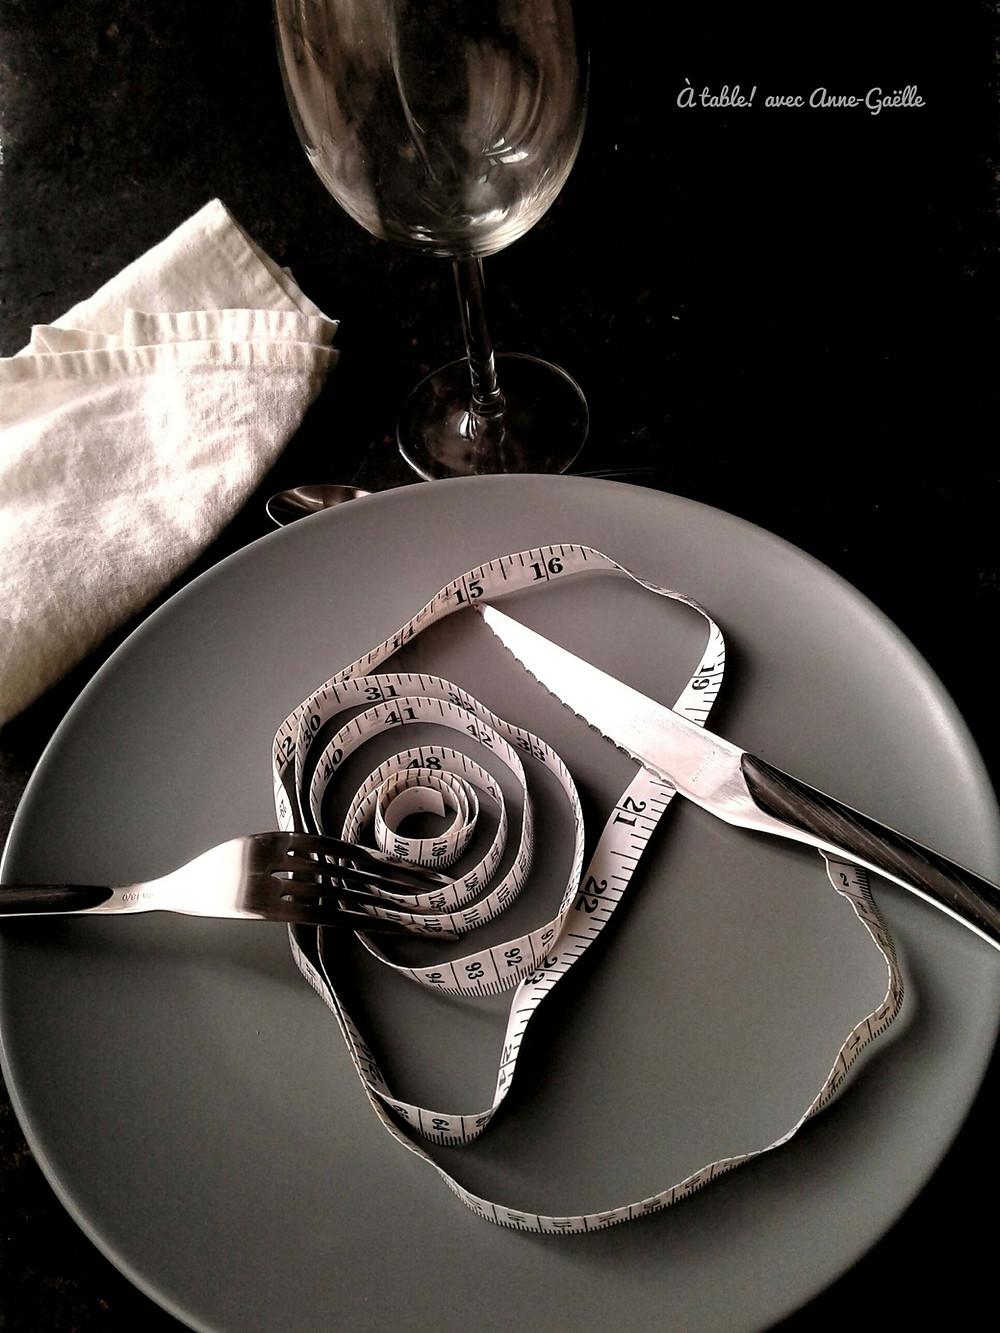 Mètre ruban dans une assiette avec couverts, verre et serviette de table. Symbolisant l'alimentation dans le cadre d'une perte de poid.